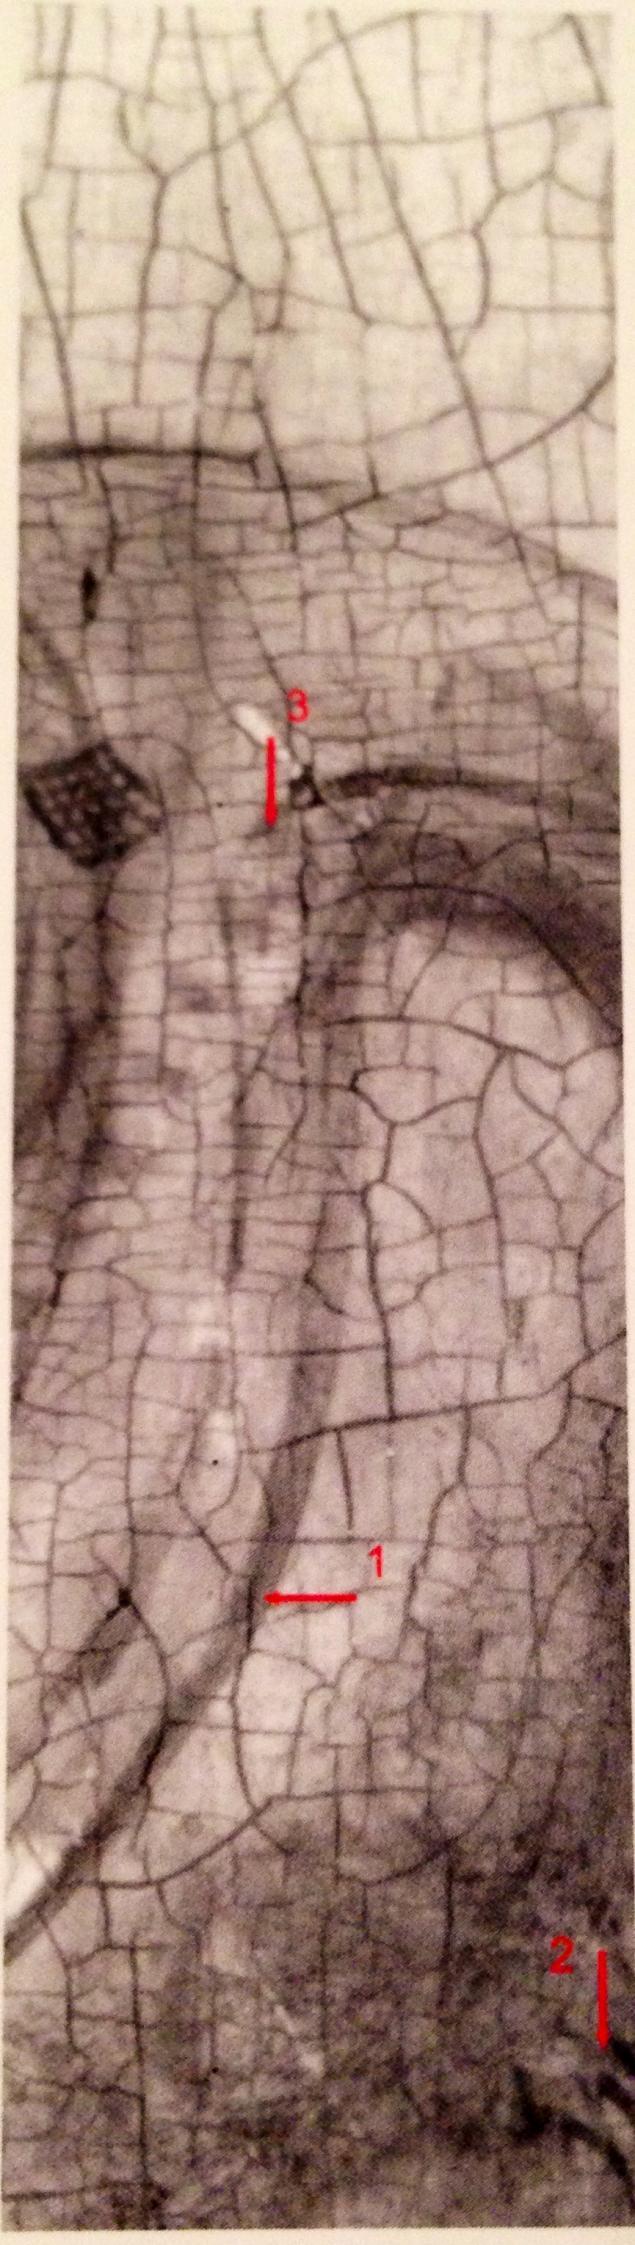 Гентский алтарь: как создавался шедевр. Часть II, фото № 9